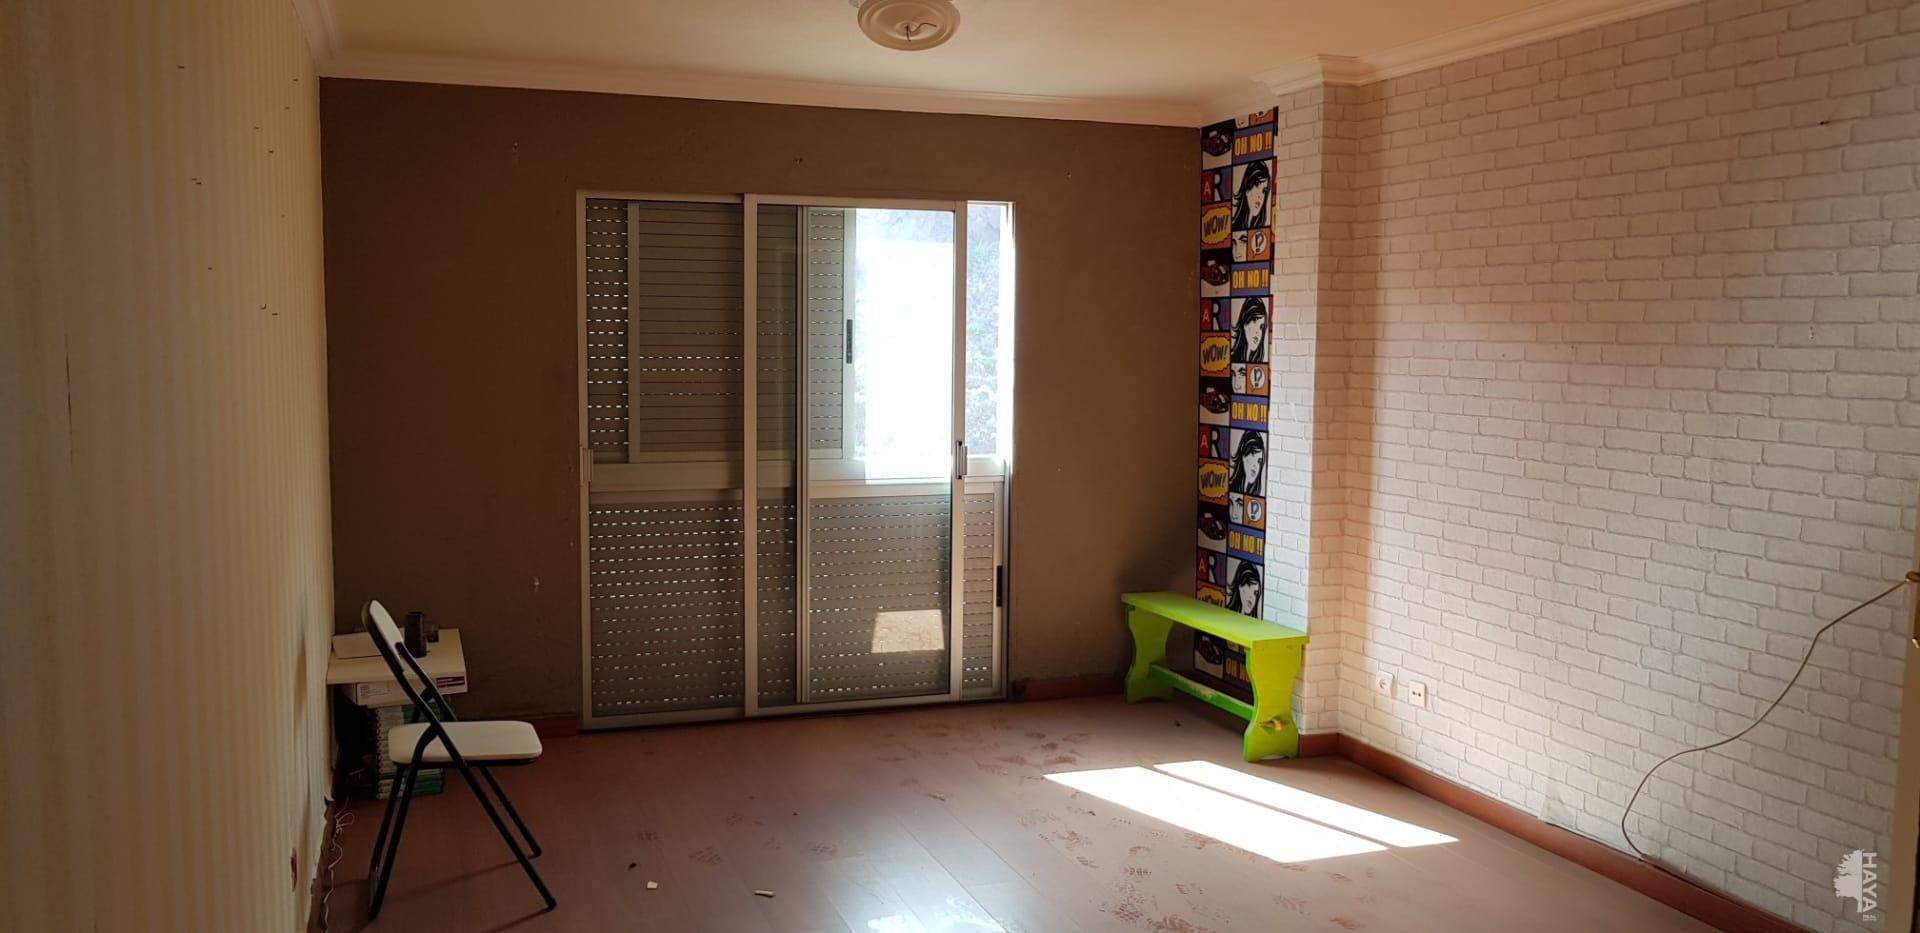 Piso en venta en San Cristobal de la Laguna, Santa Cruz de Tenerife, Calle Rector Antonio Bethencourt, 76.098 €, 1 habitación, 1 baño, 90 m2